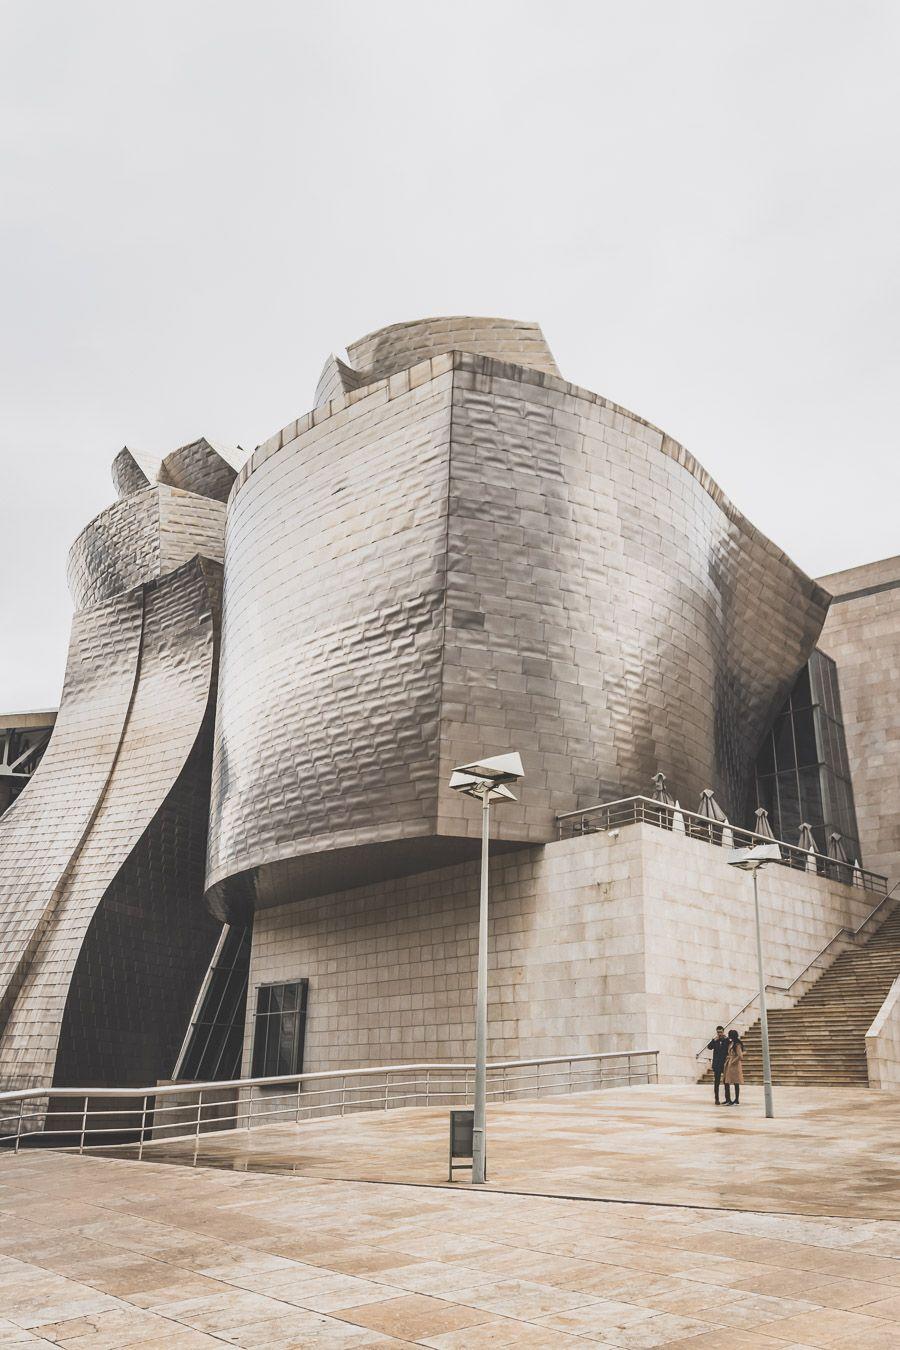 Que voir lors d'un road trip au Pays basque espagnol ? Le musée Guggenheim à Bilbao